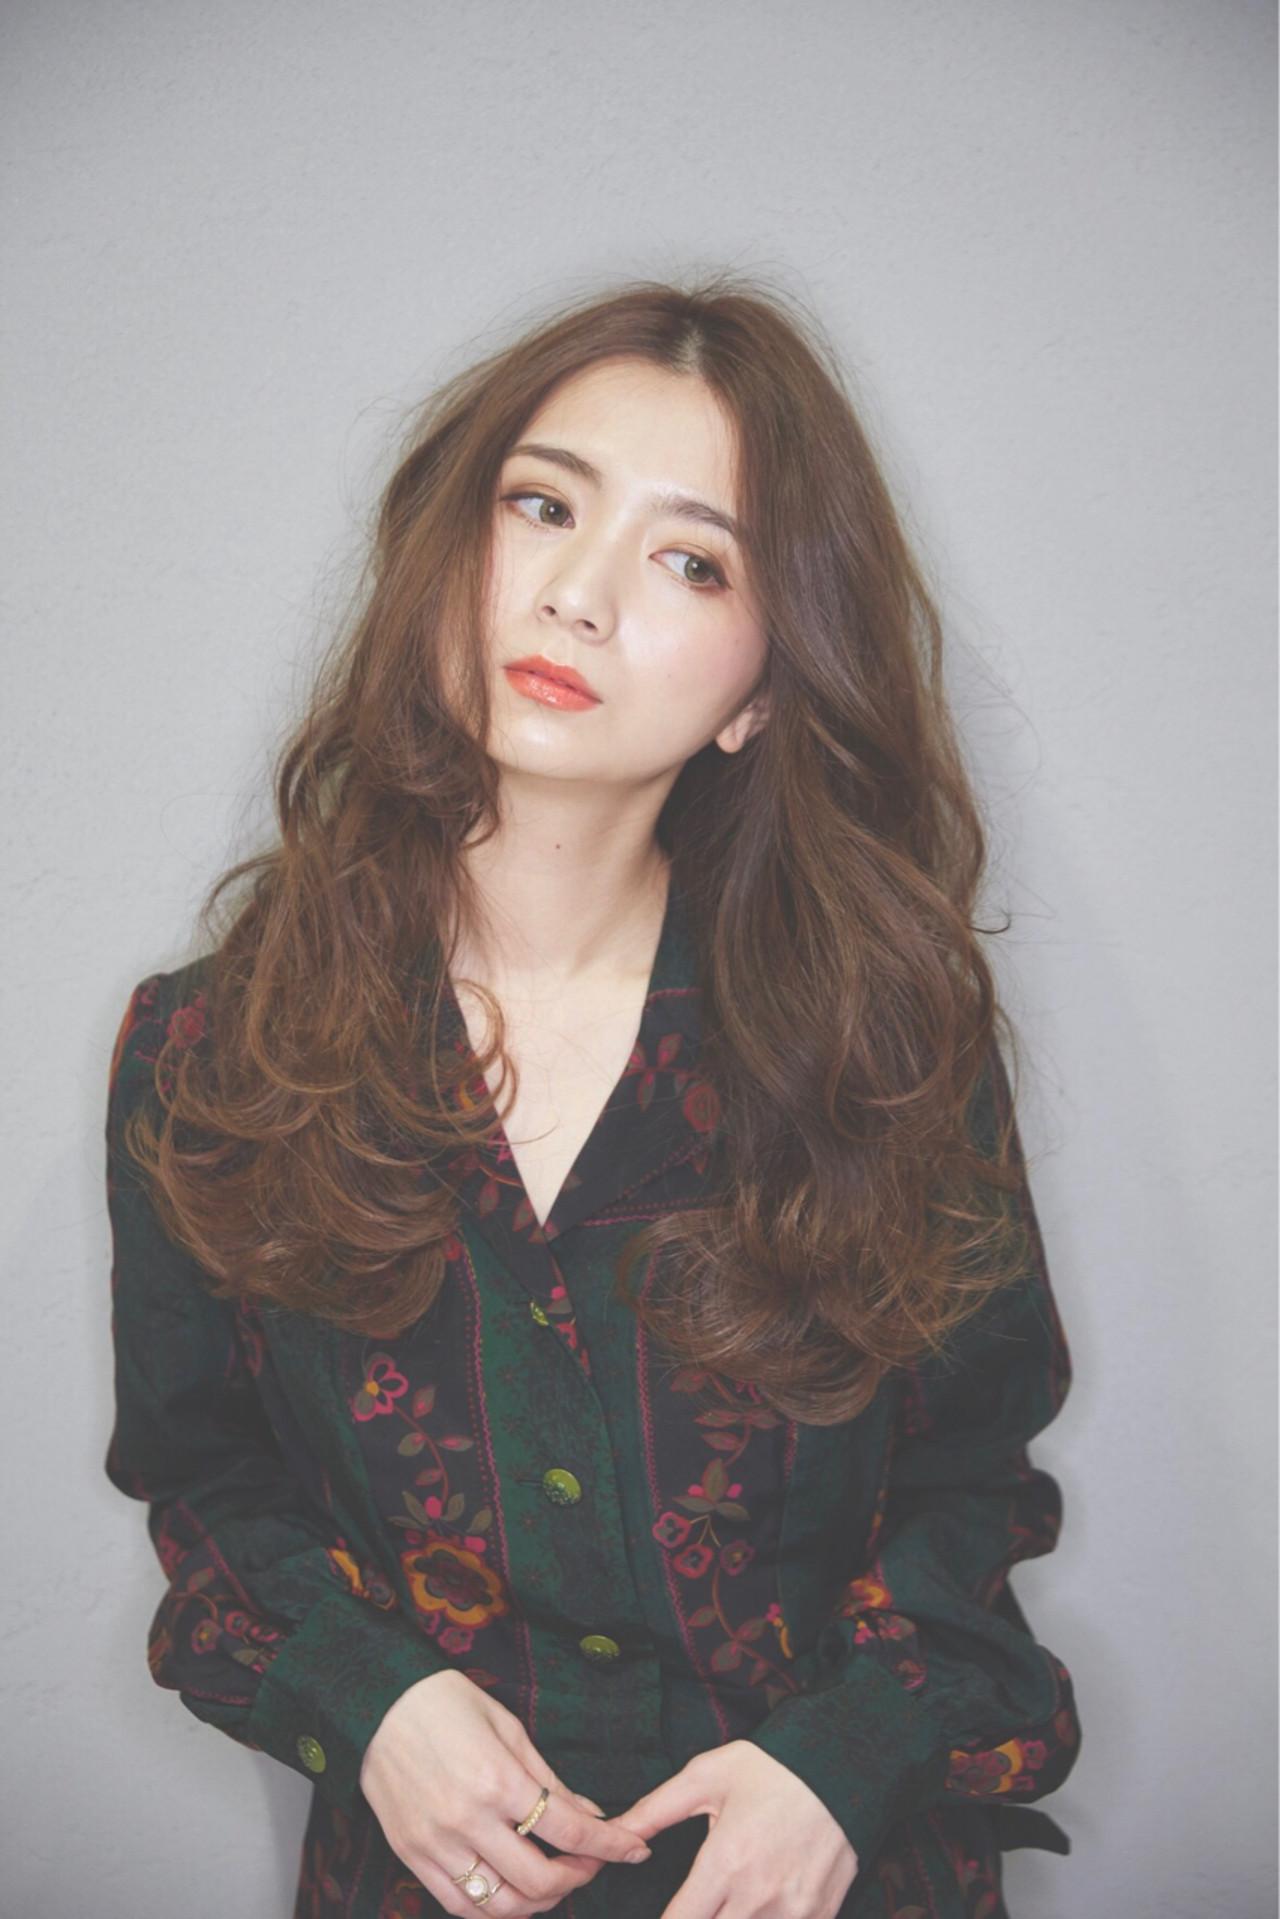 広がりのある大きめカールが特徴のロングヘア koki | Michio Nozawa hair salon ginza/Noz銀座店